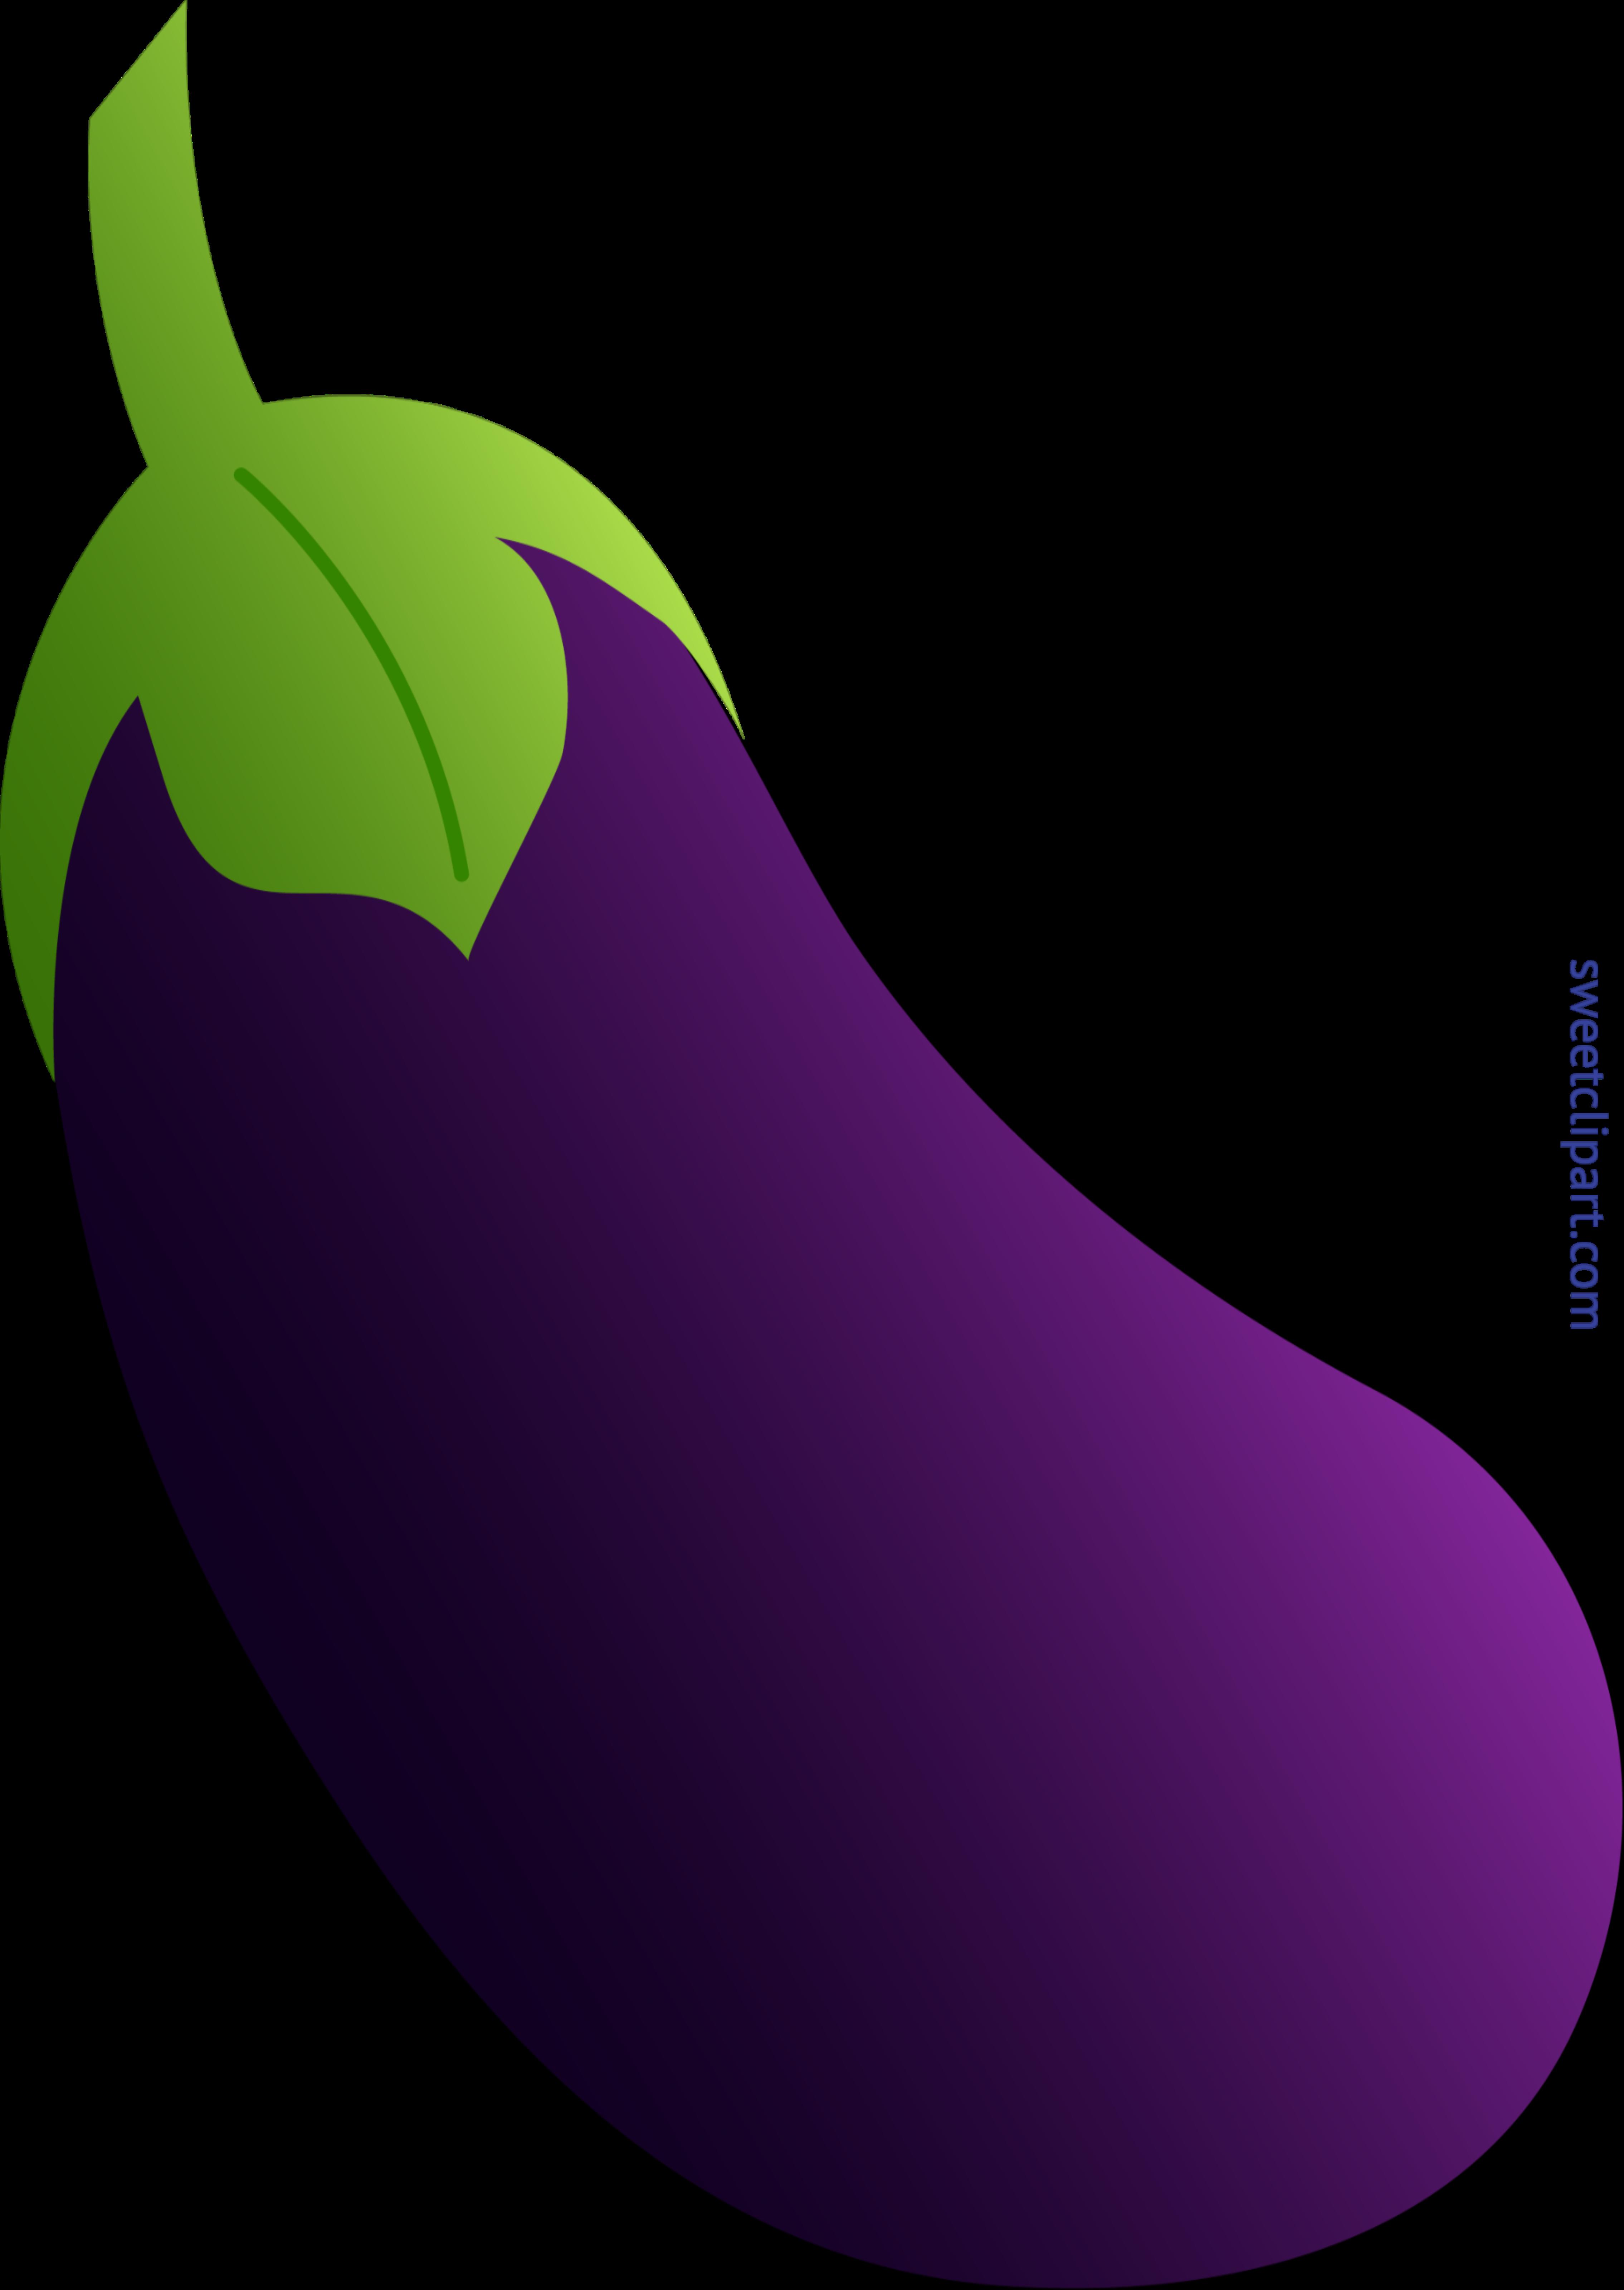 Clip art sweet. Eggplant clipart